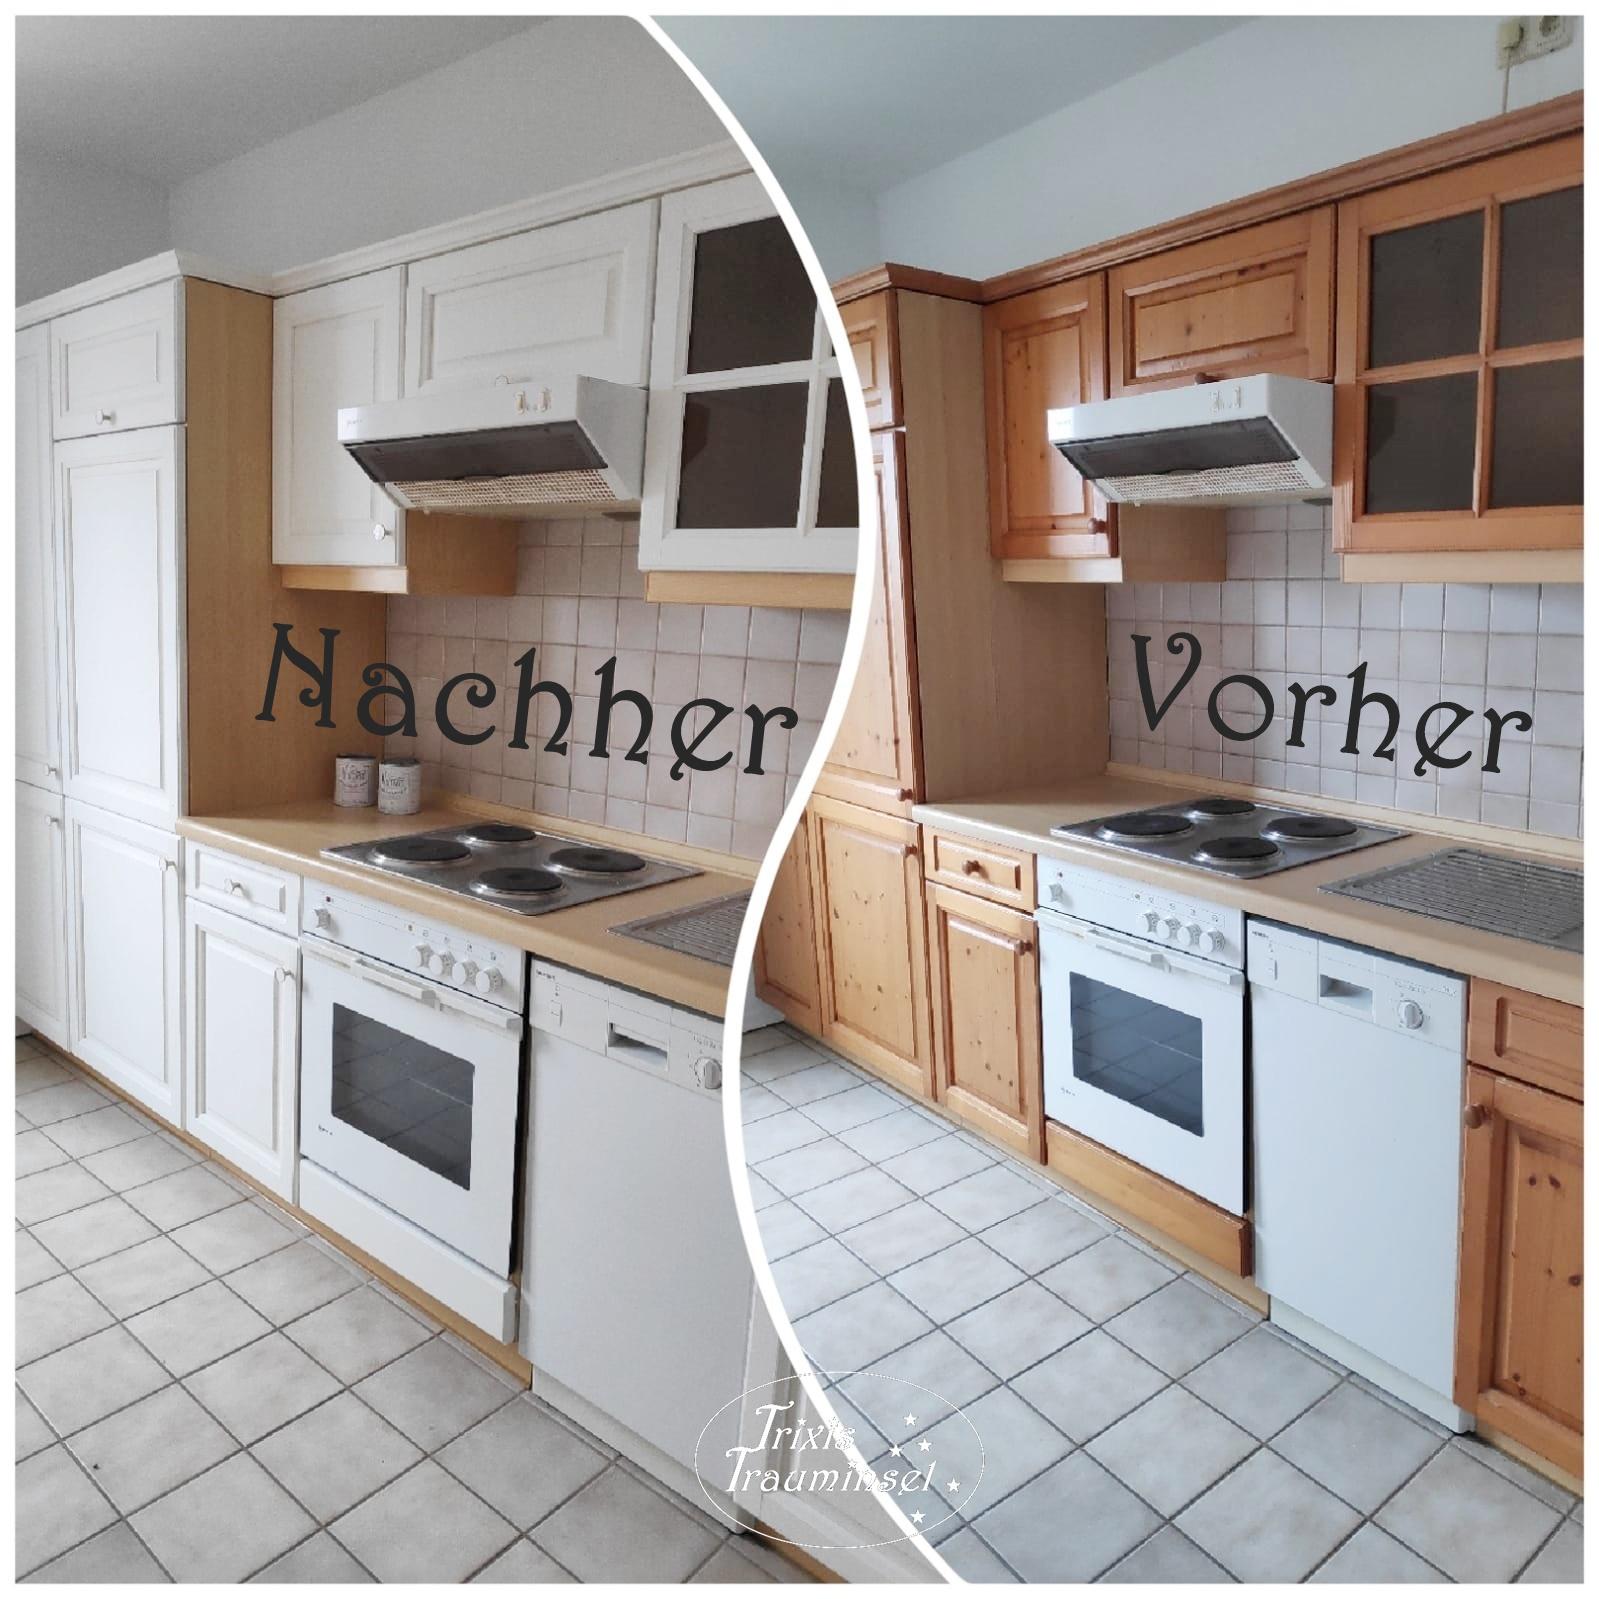 trixistrauminsel: Küchenrenovierung mit Kreidefarbe